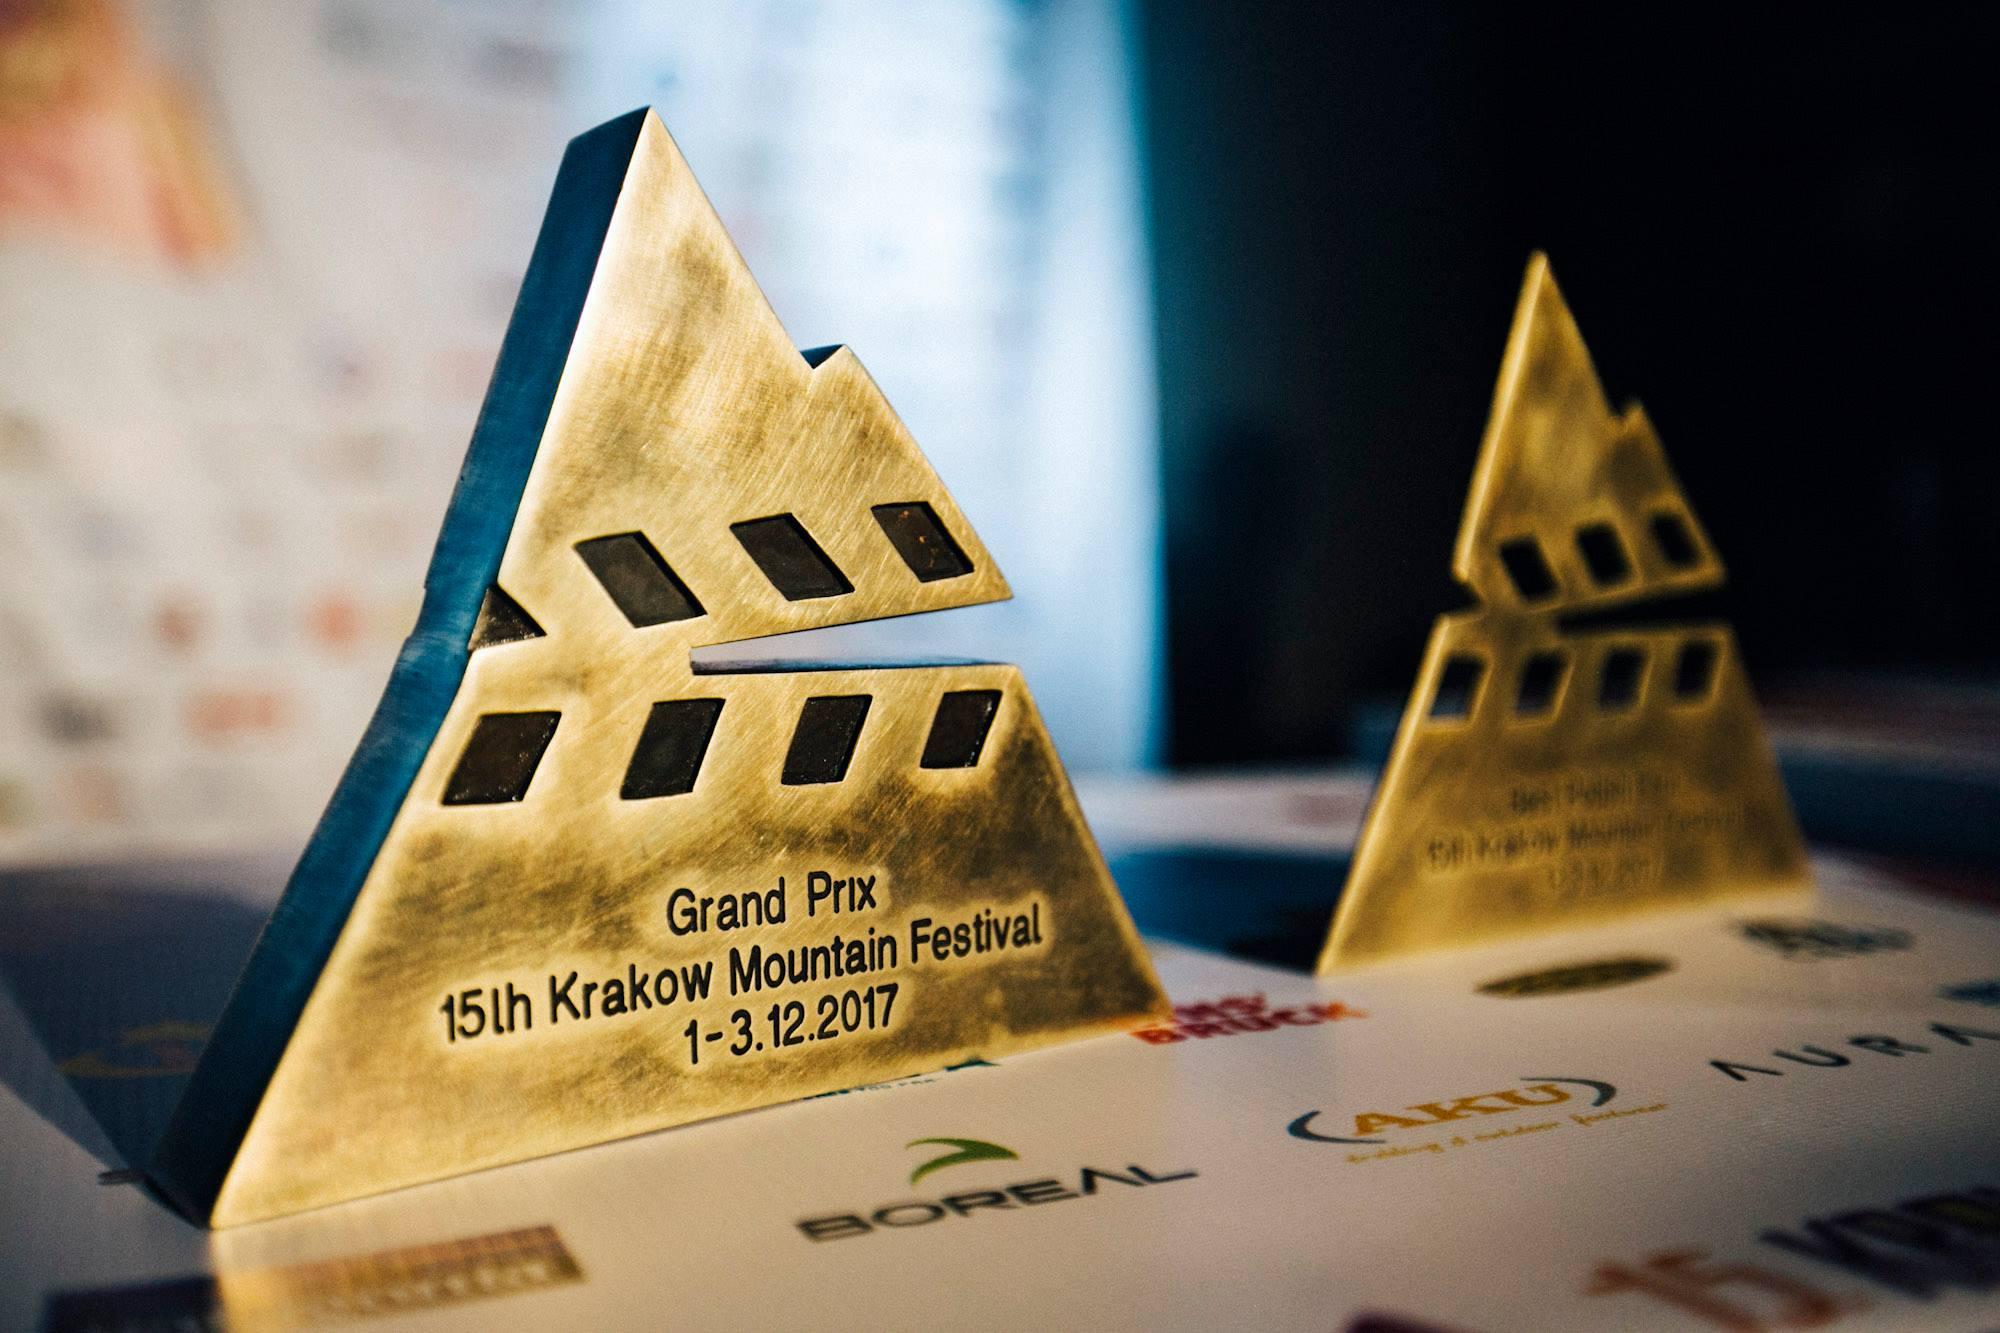 Polski Konkurs Filmowy – wkrótce upływa termin przesyłania zgłoszeń (fot. Adam Kokot / KFG)